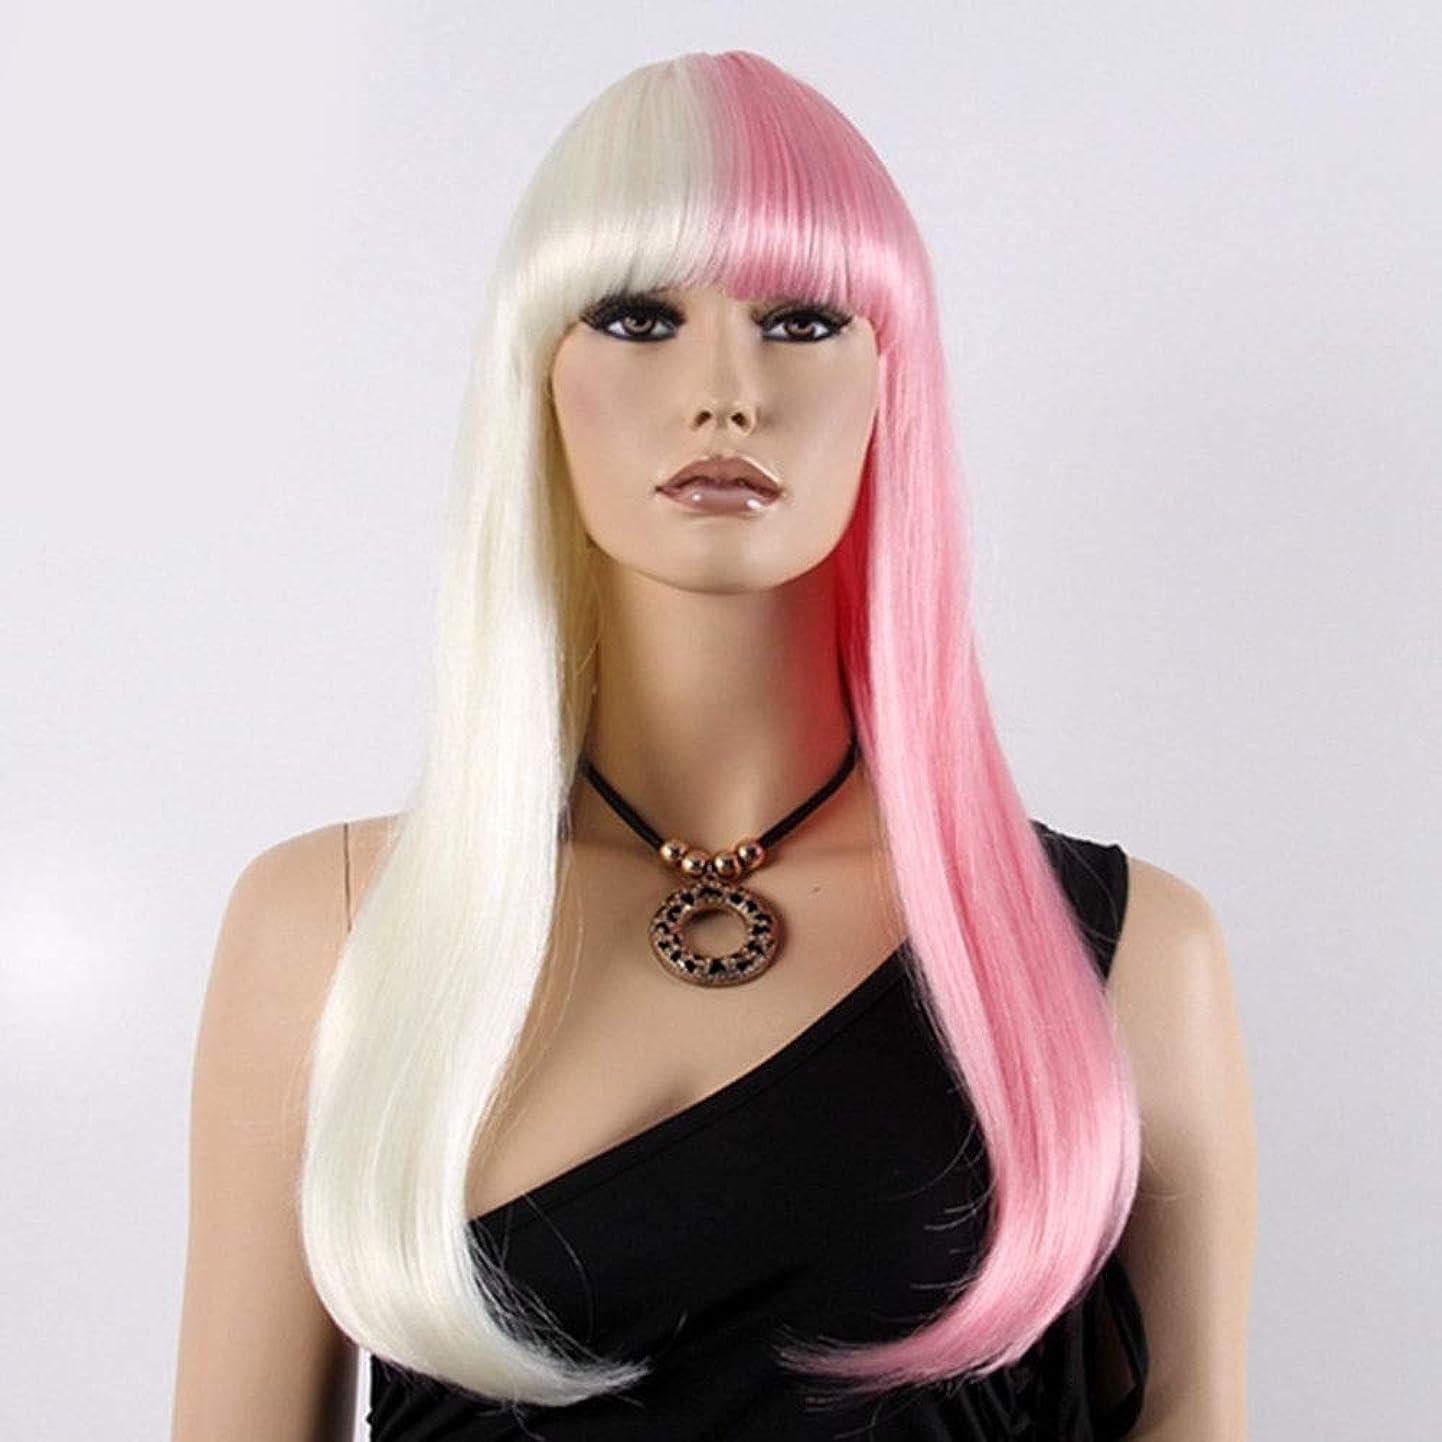 傷跡アレルギー性サーカスYrattary 女性のハーフホワイトハーフパウダーロングストレート合成ボブの髪のかつらコスプレウィッグ合成髪のレースのかつらロールプレイングかつら (色 : Photo Color)